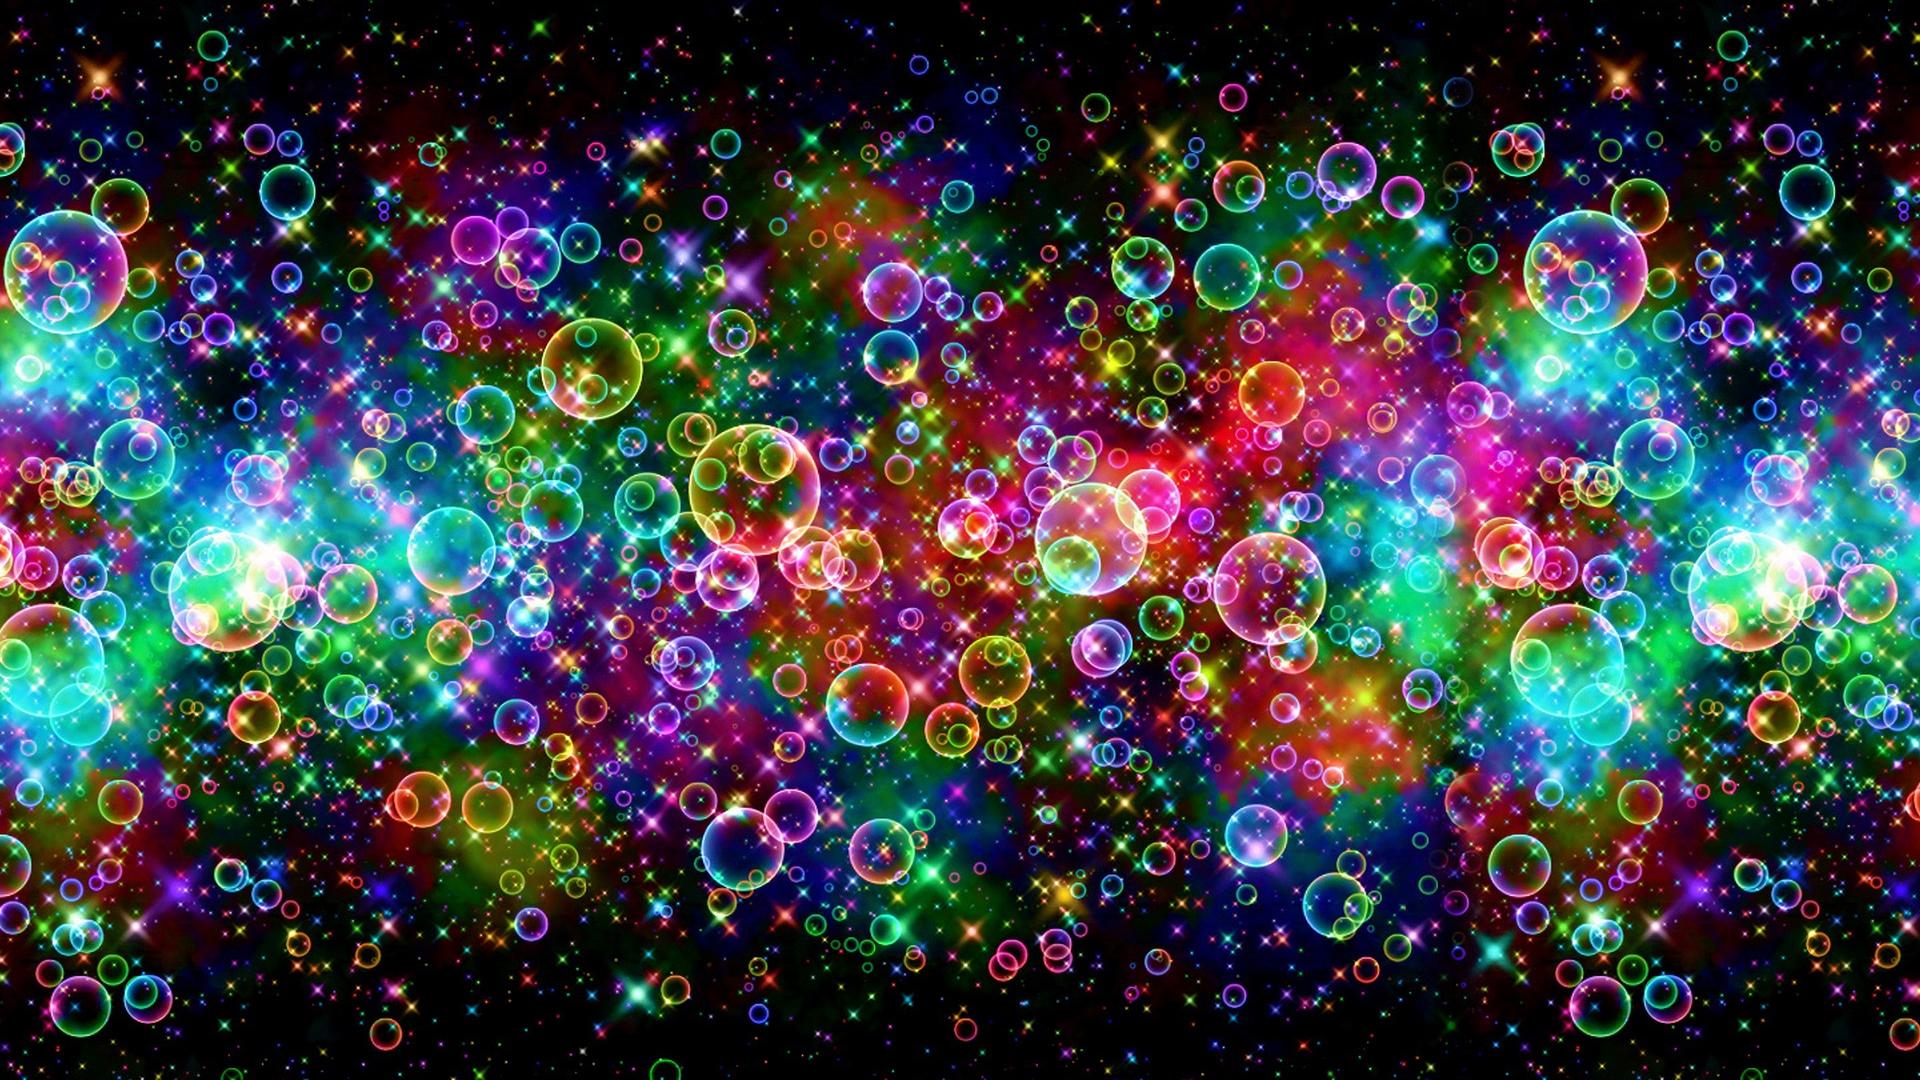 Rainbow Colour Wallpaper   Colors Wallpaper 34511203 1920x1080